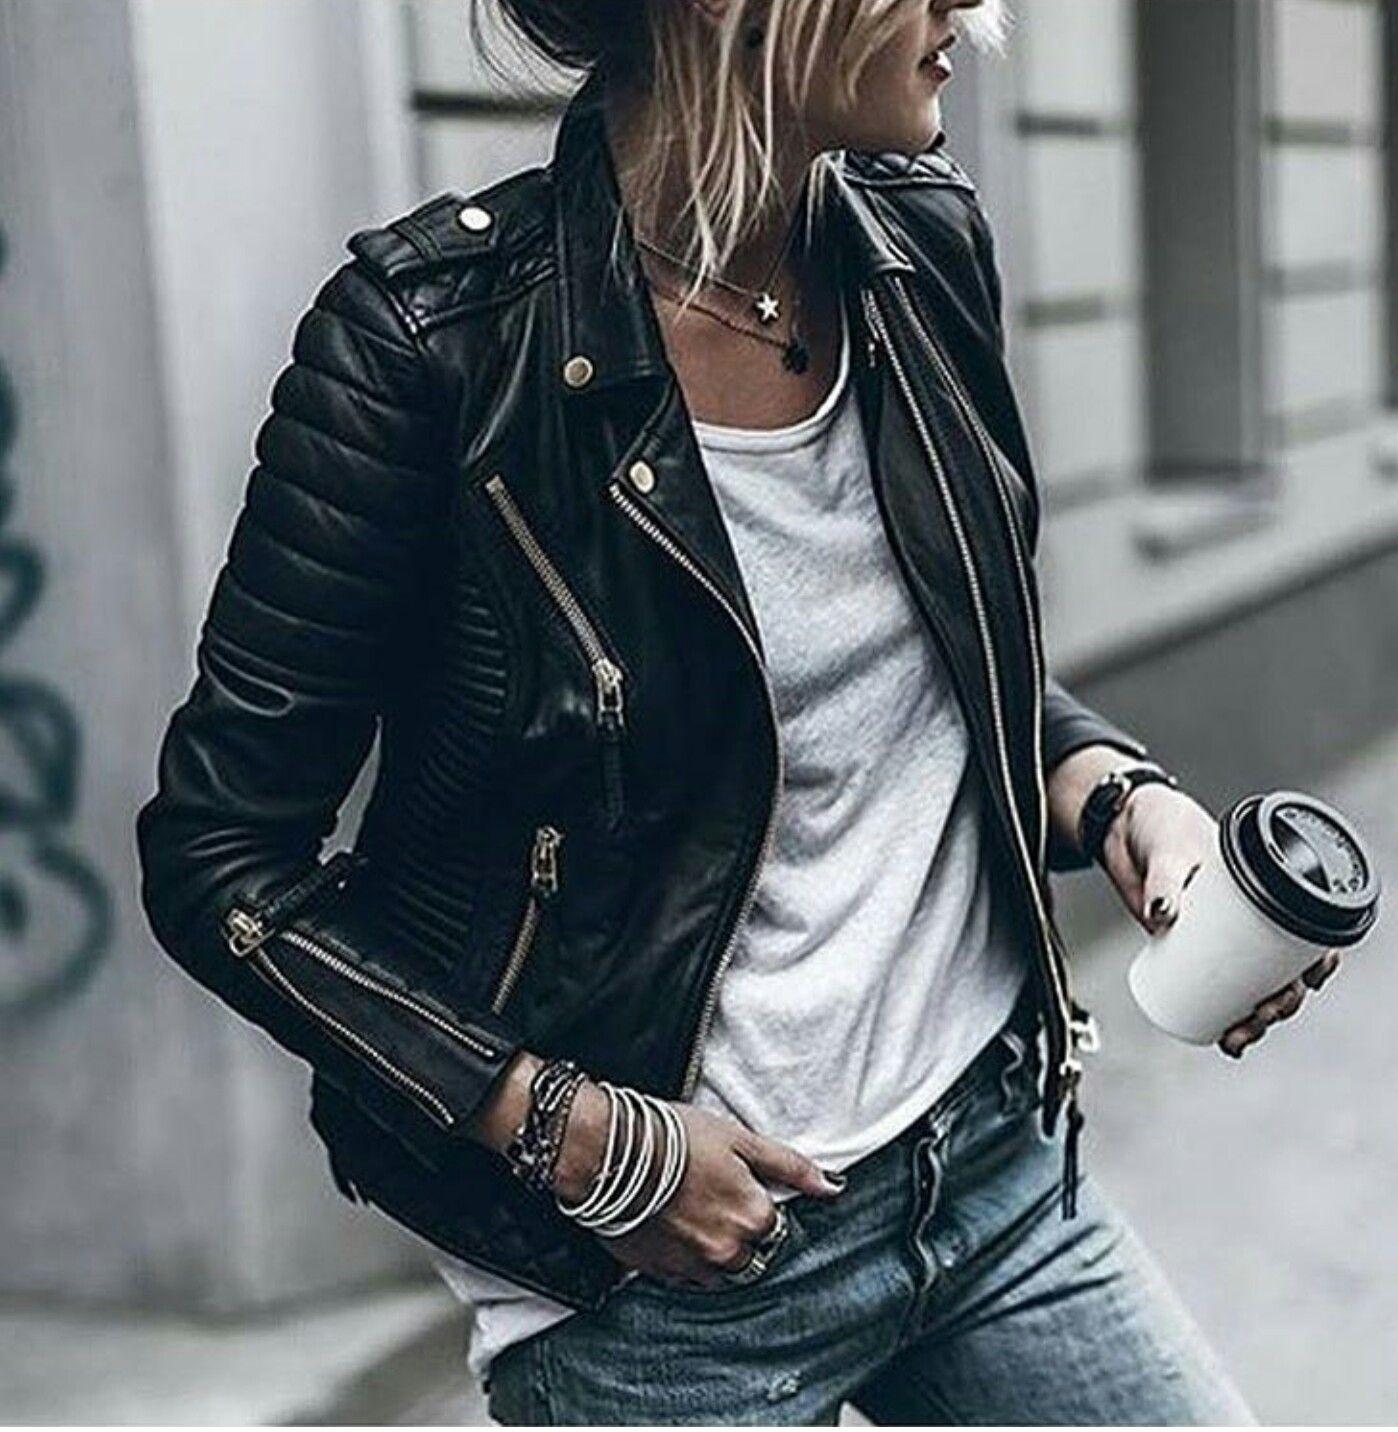 Damen Motorrad Mode Lederjacke